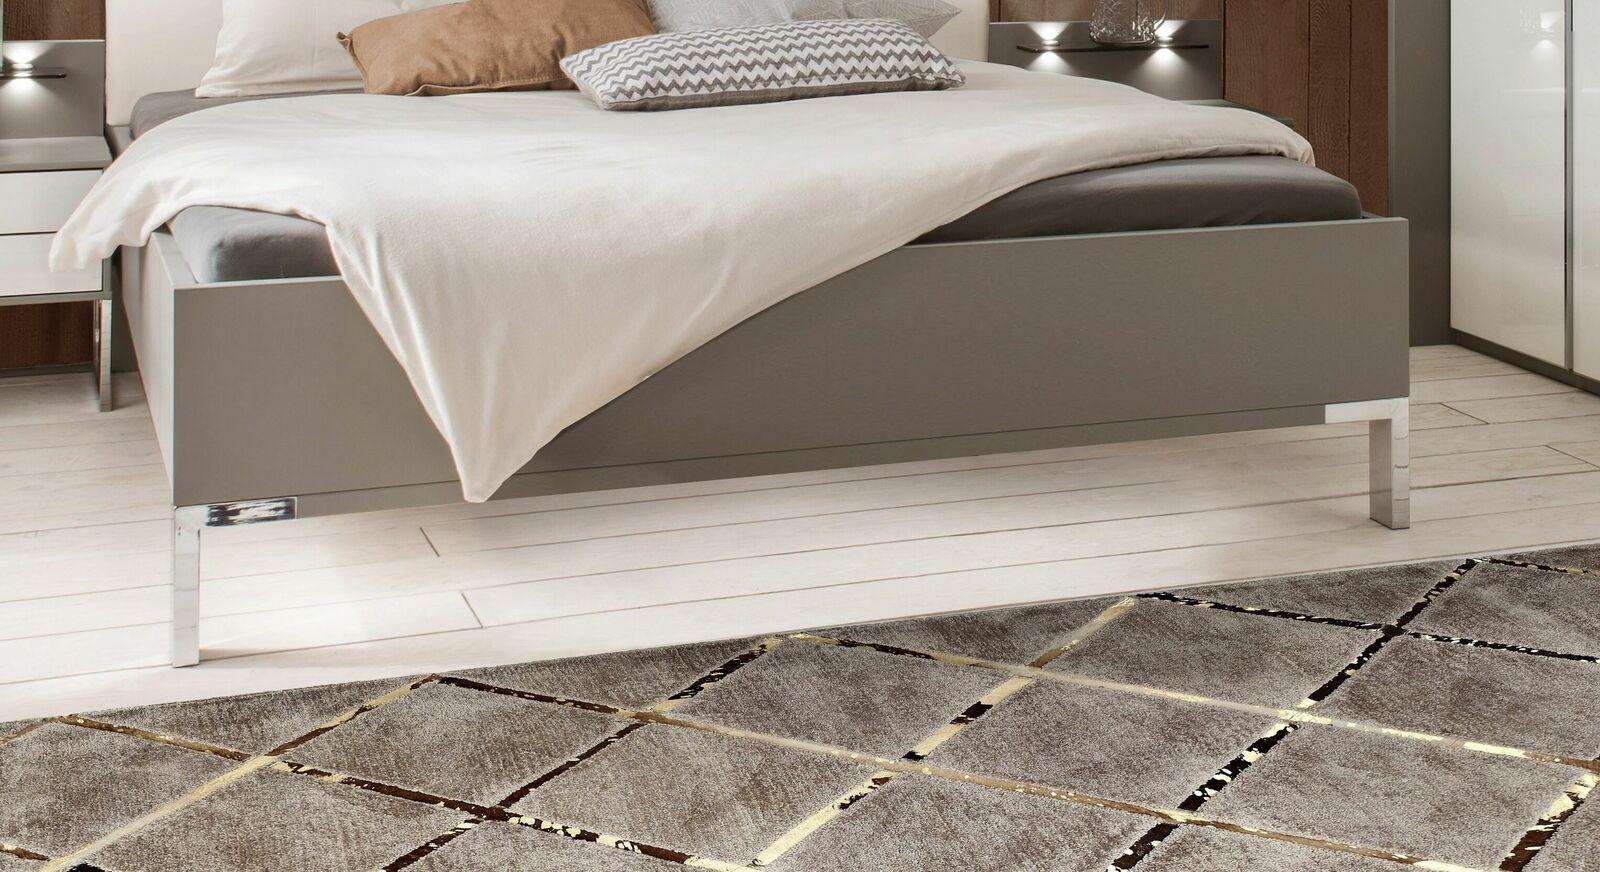 Bett Evansville mit eleganten Chromfüßen